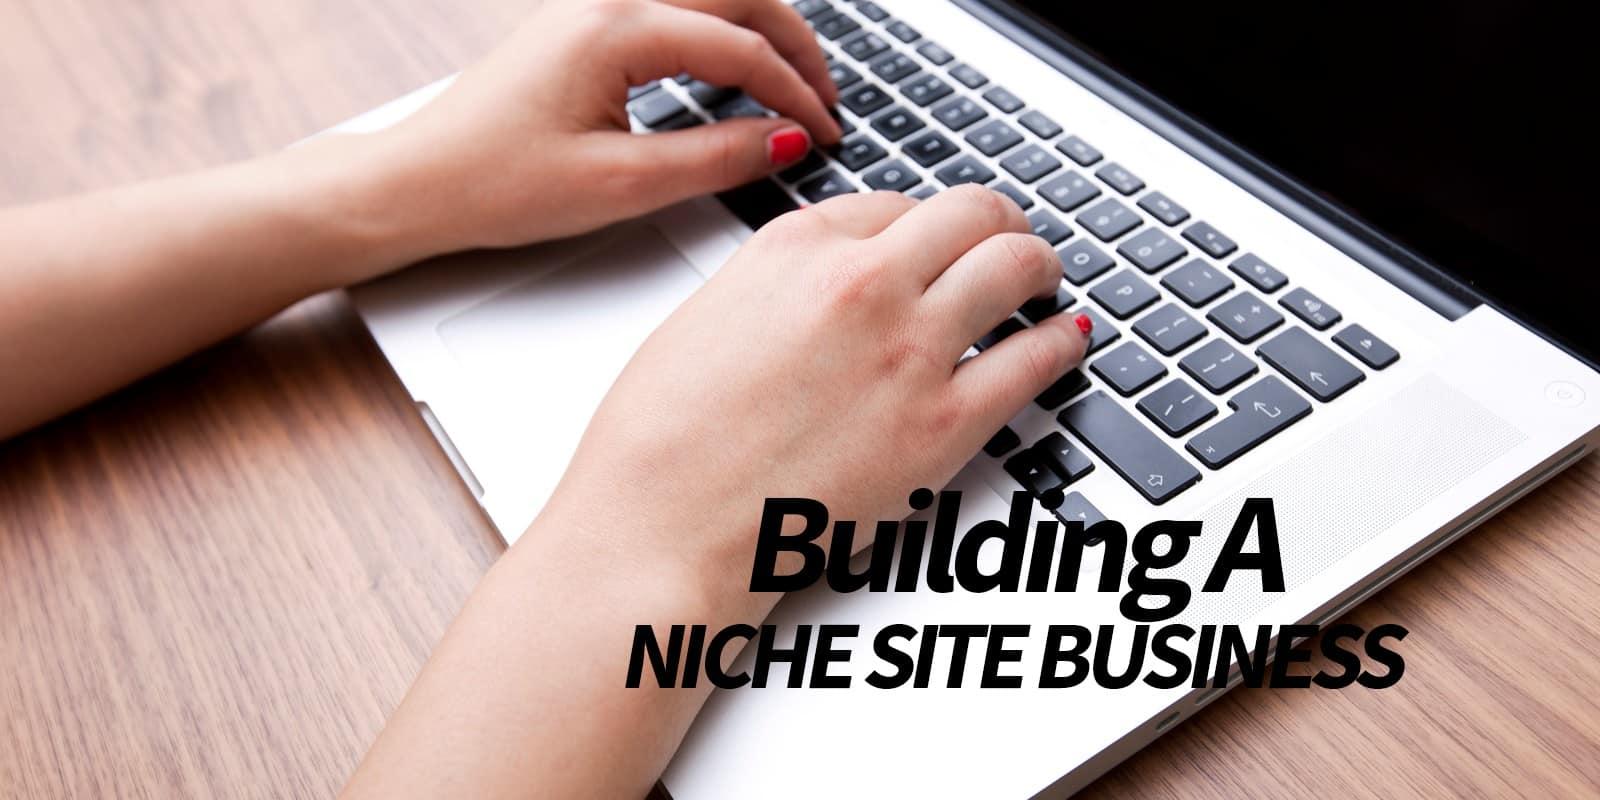 Niche Site Business